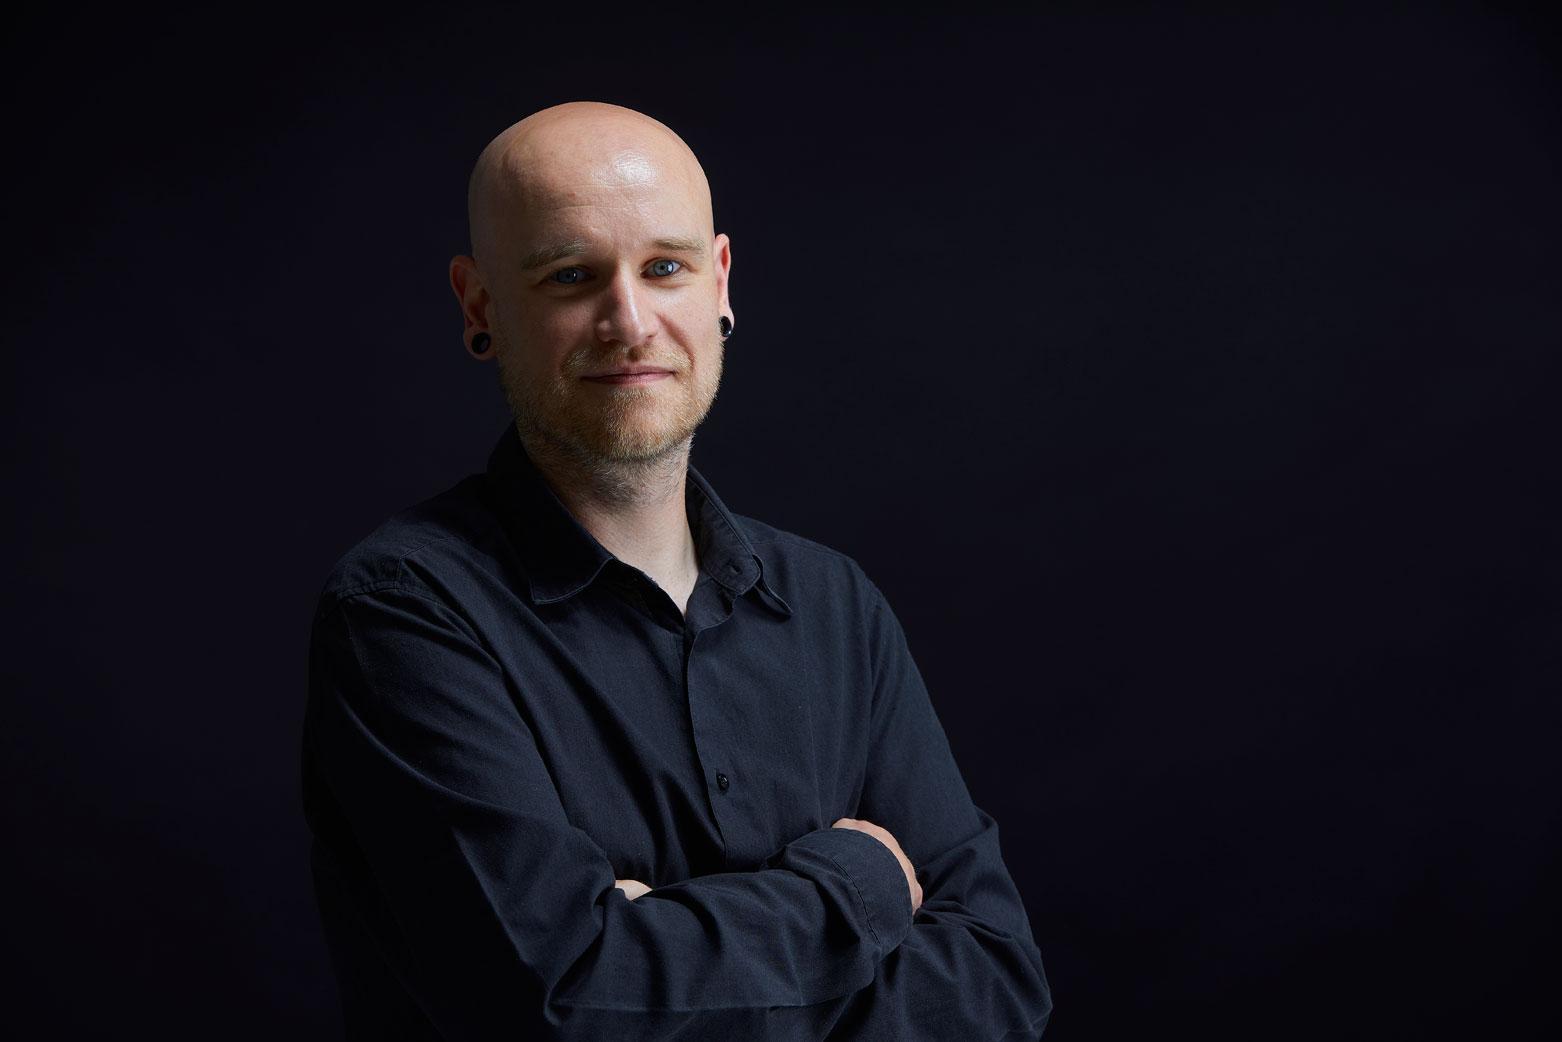 Rainer Perlak